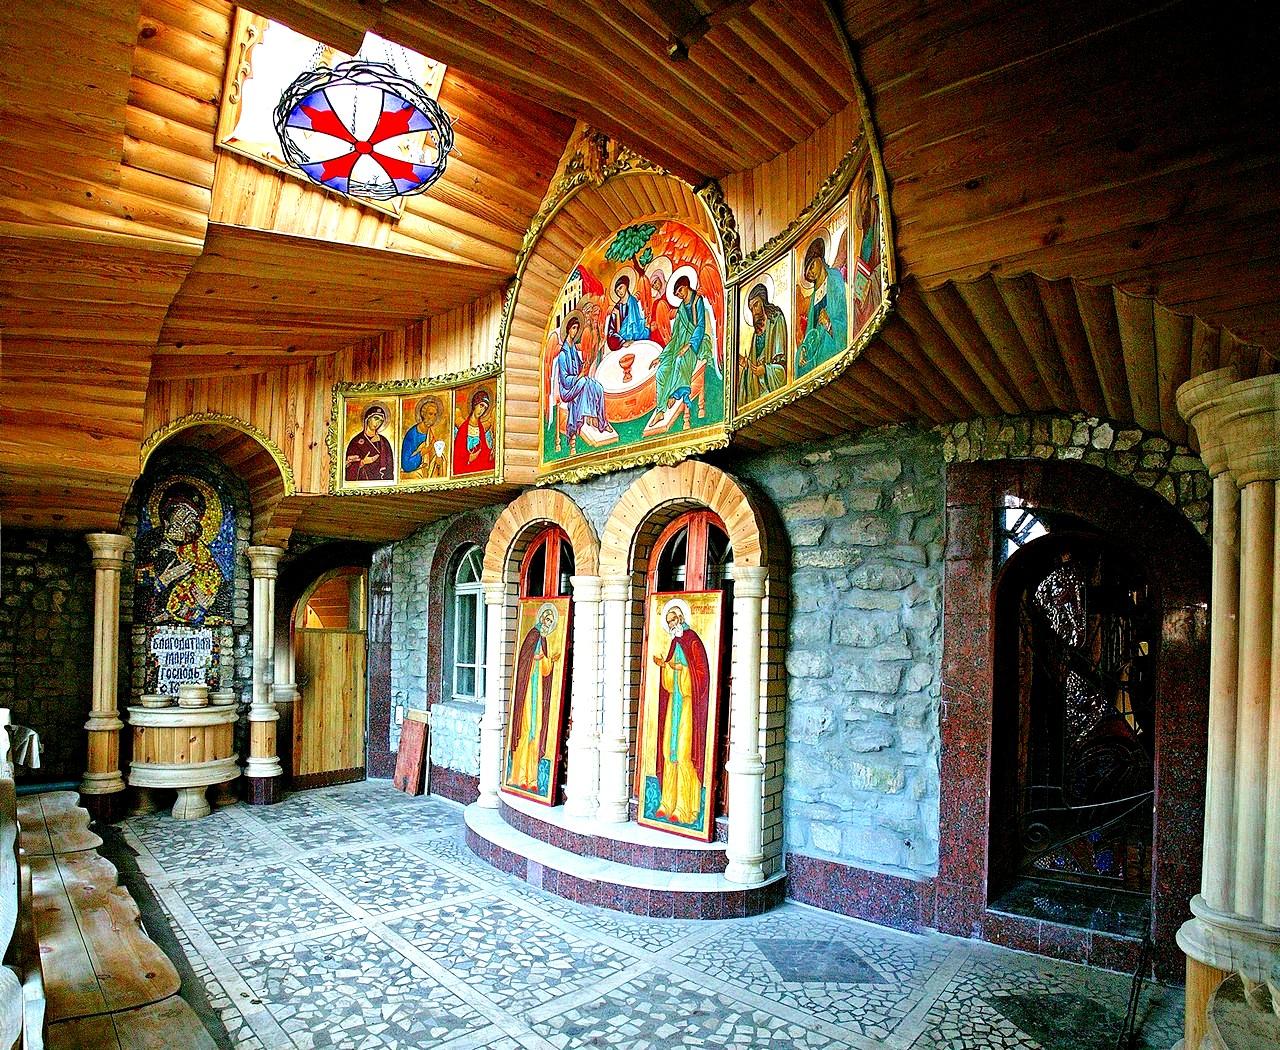 христианский зал вселенского храма